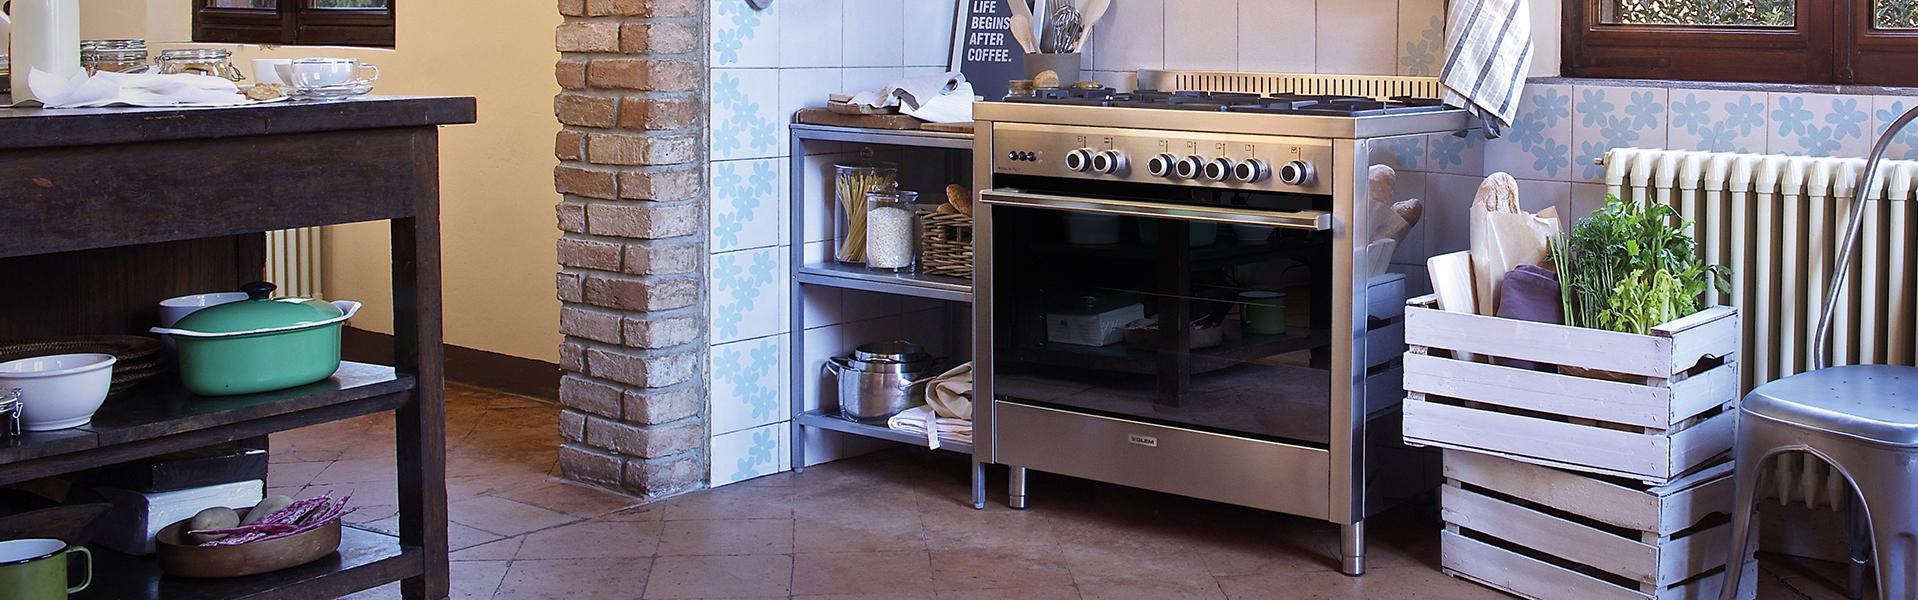 Linha cozinhas